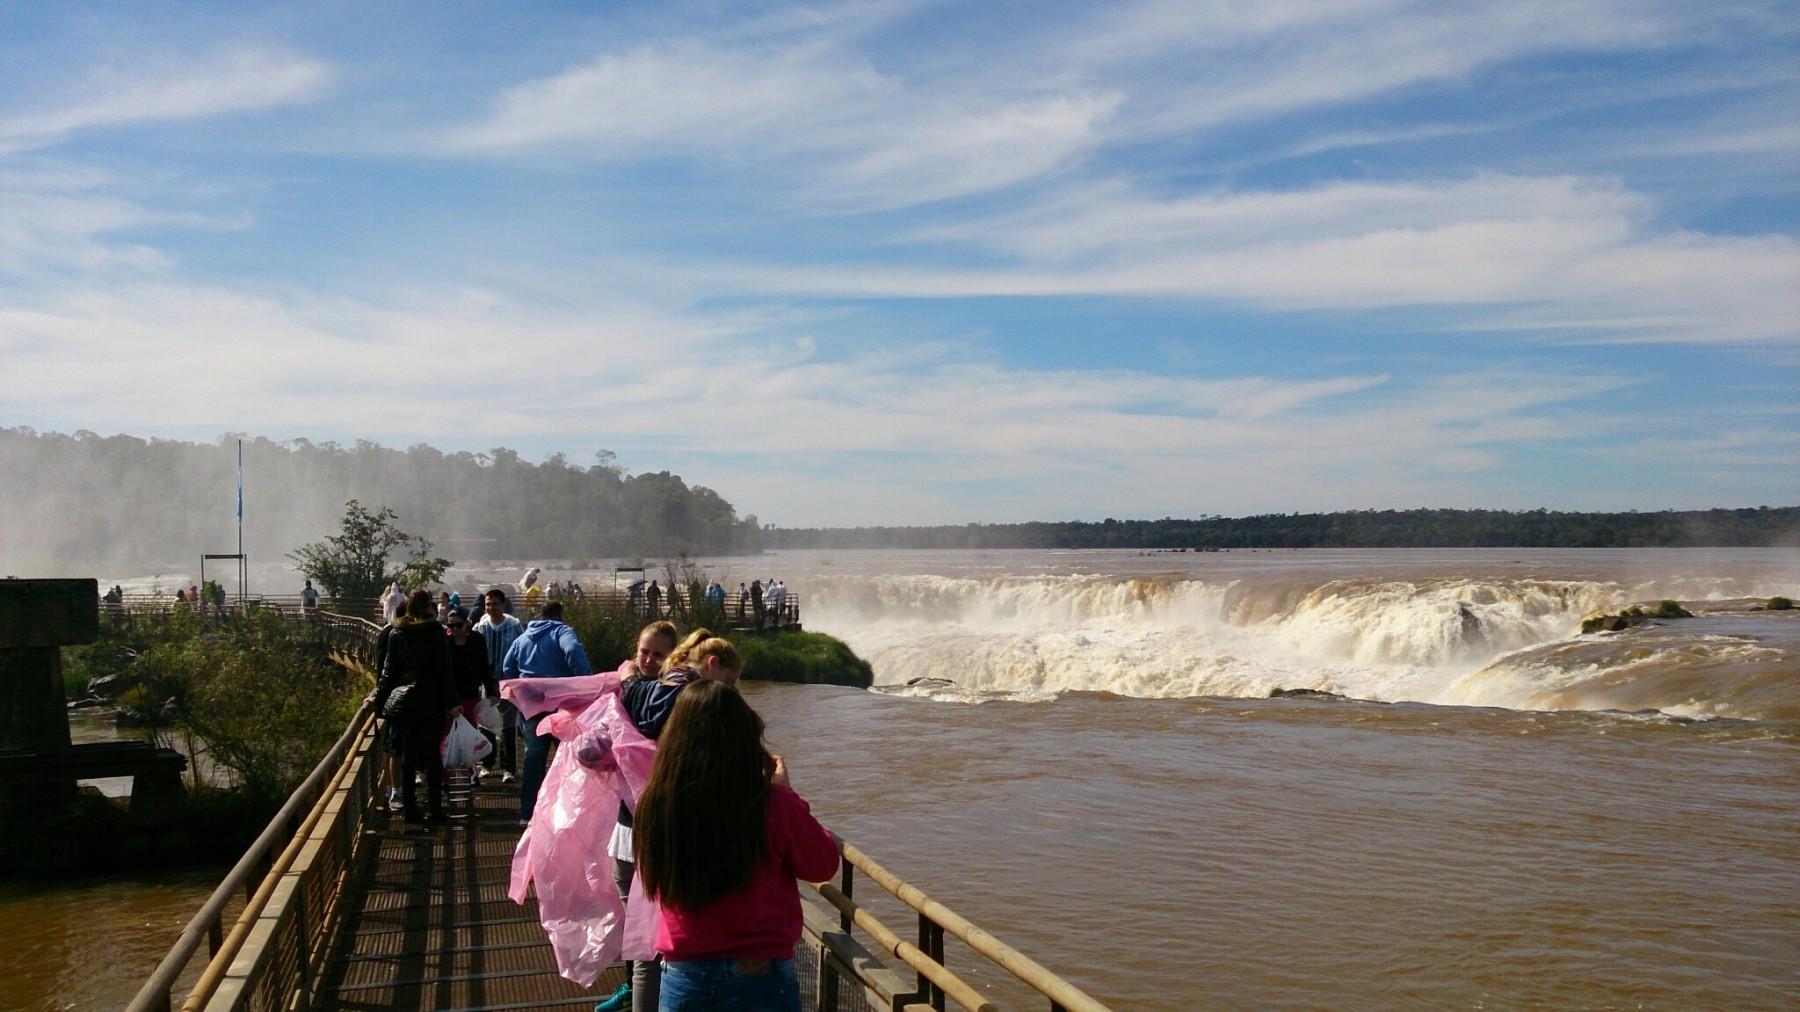 Roteiro-foz-do-iguaçu-cataratas-argentina-4-1800x1012 Roteiro Foz do Iguaçu Completo (e ÉPICO) - 3 a 5 dias